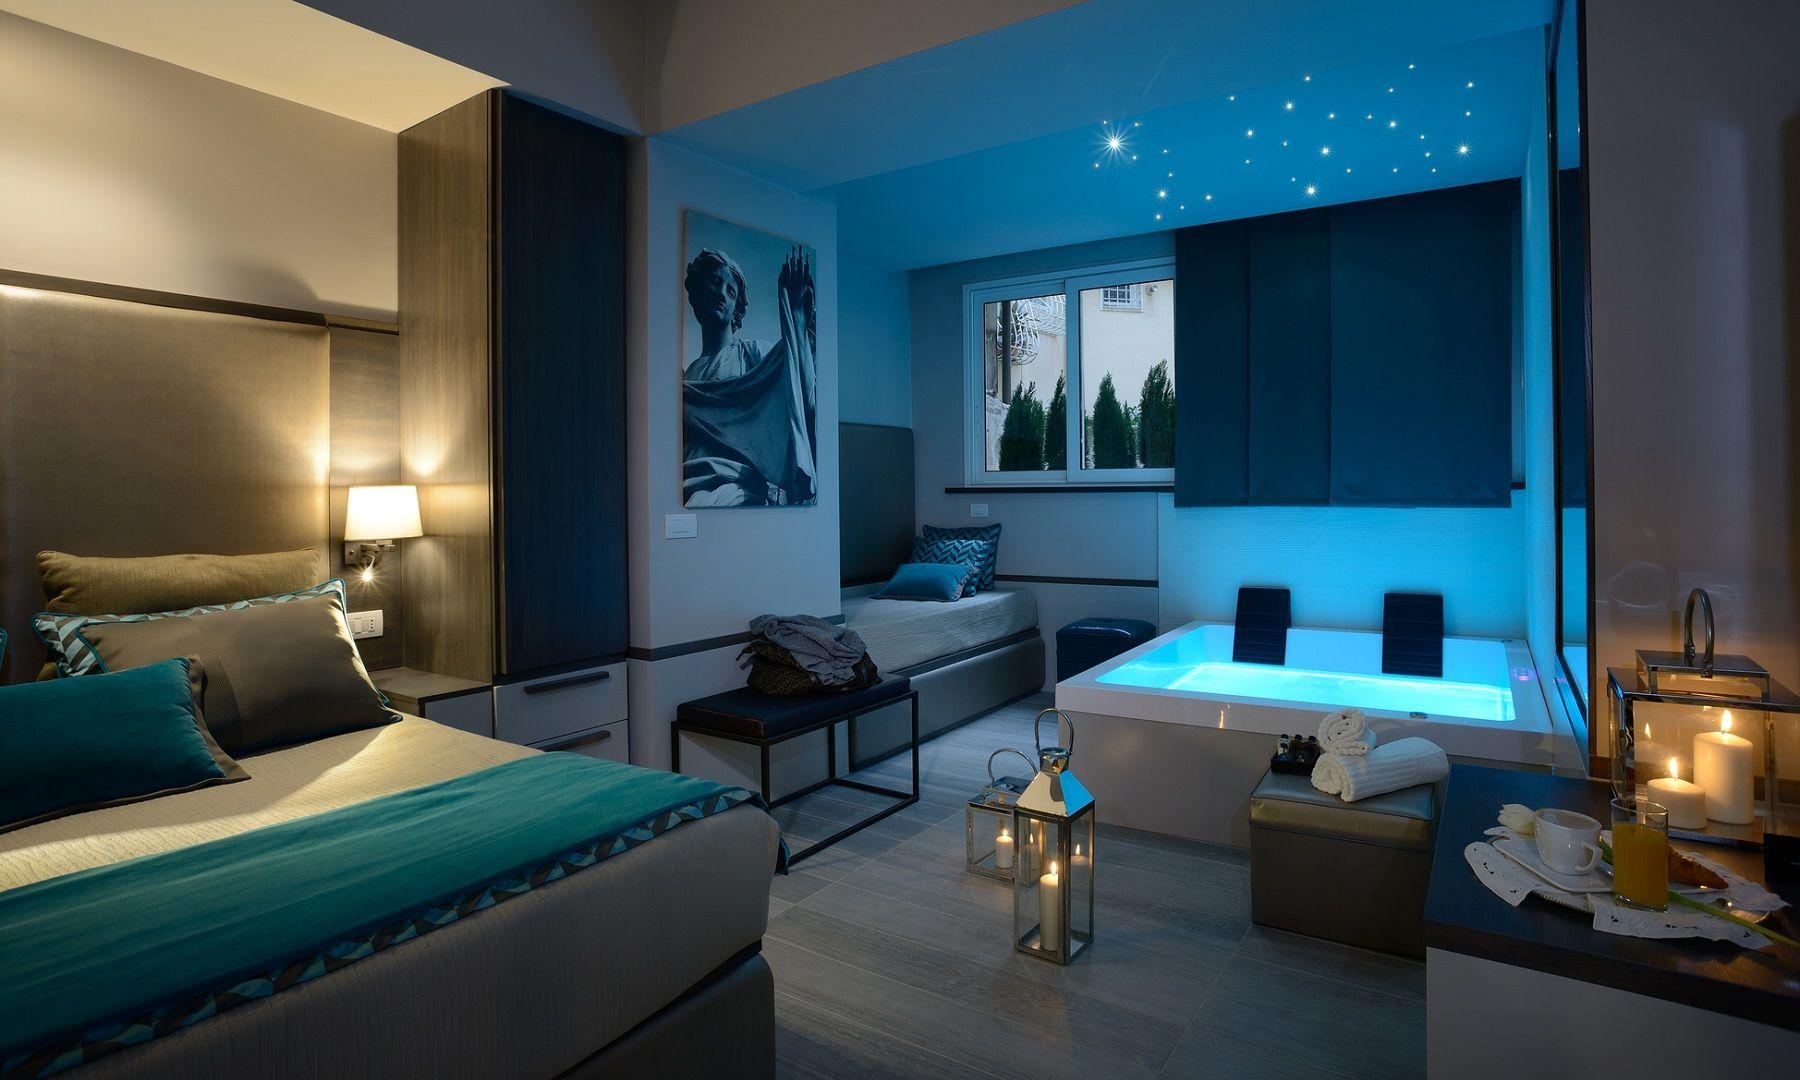 I migliori hotel con vasca idromassaggio in camera a Roma ...